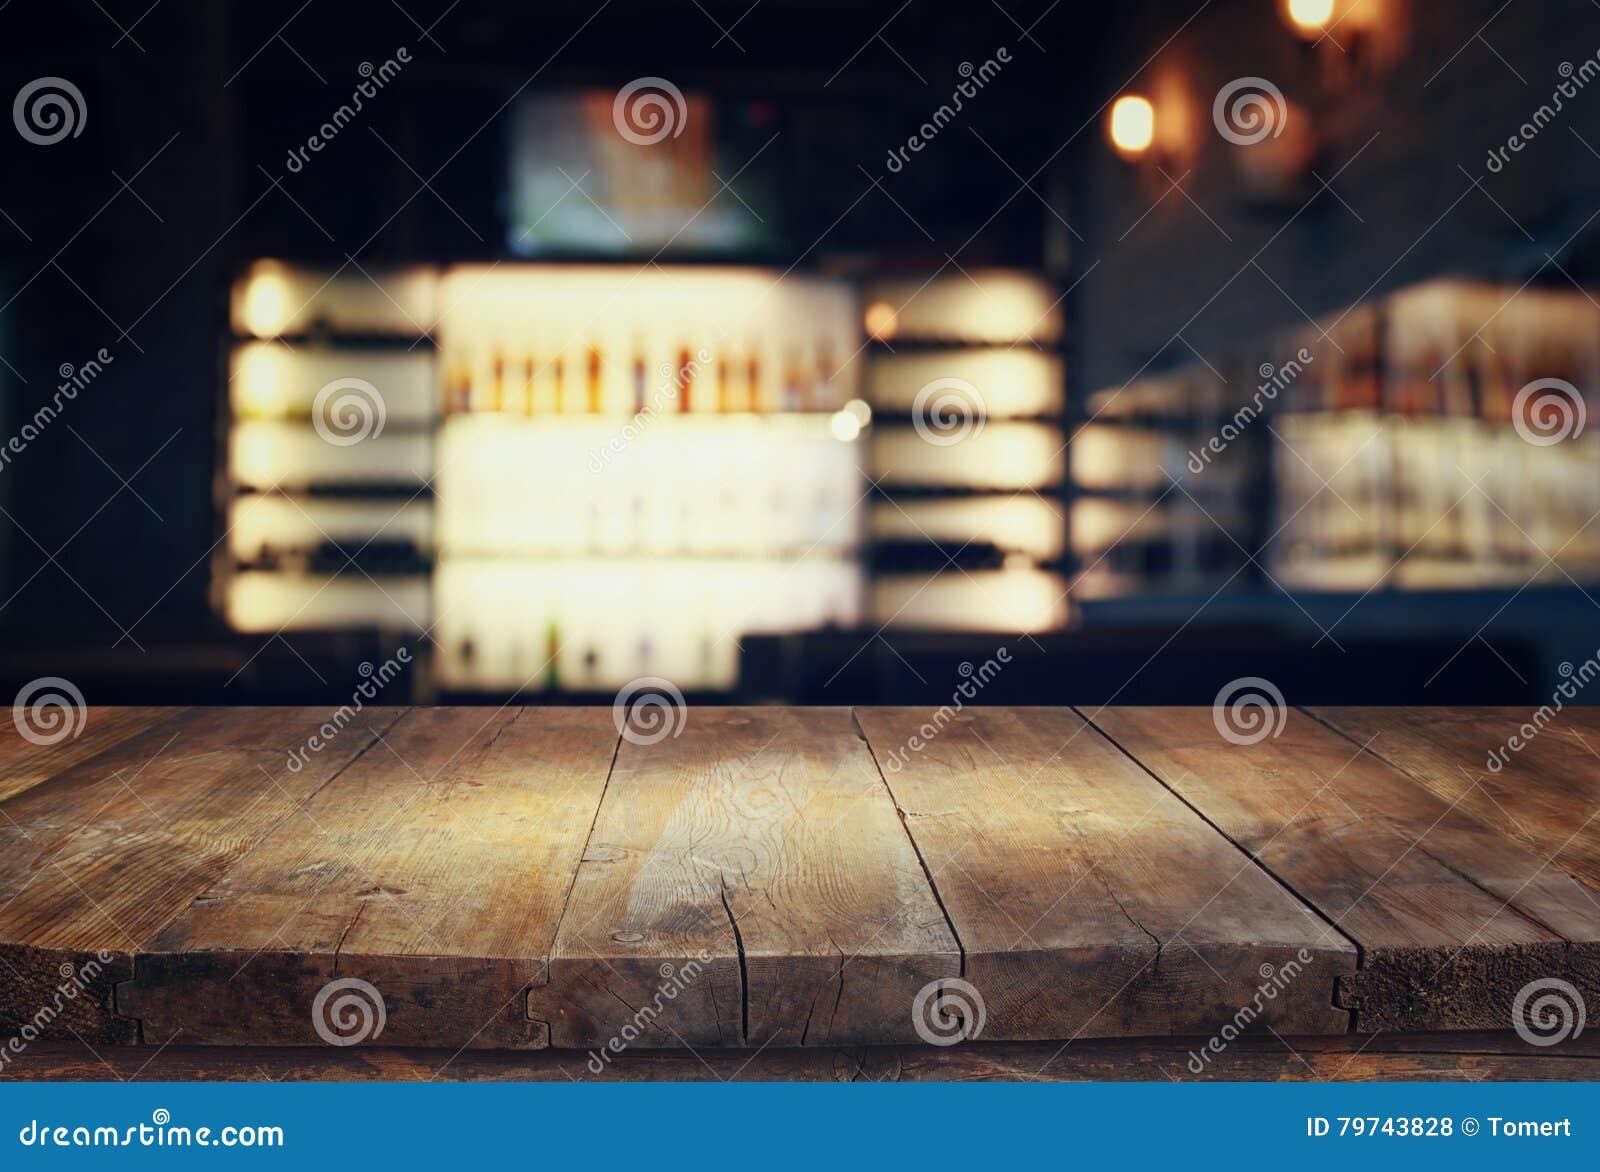 Tabla delante de luces borrosas extracto del restaurante